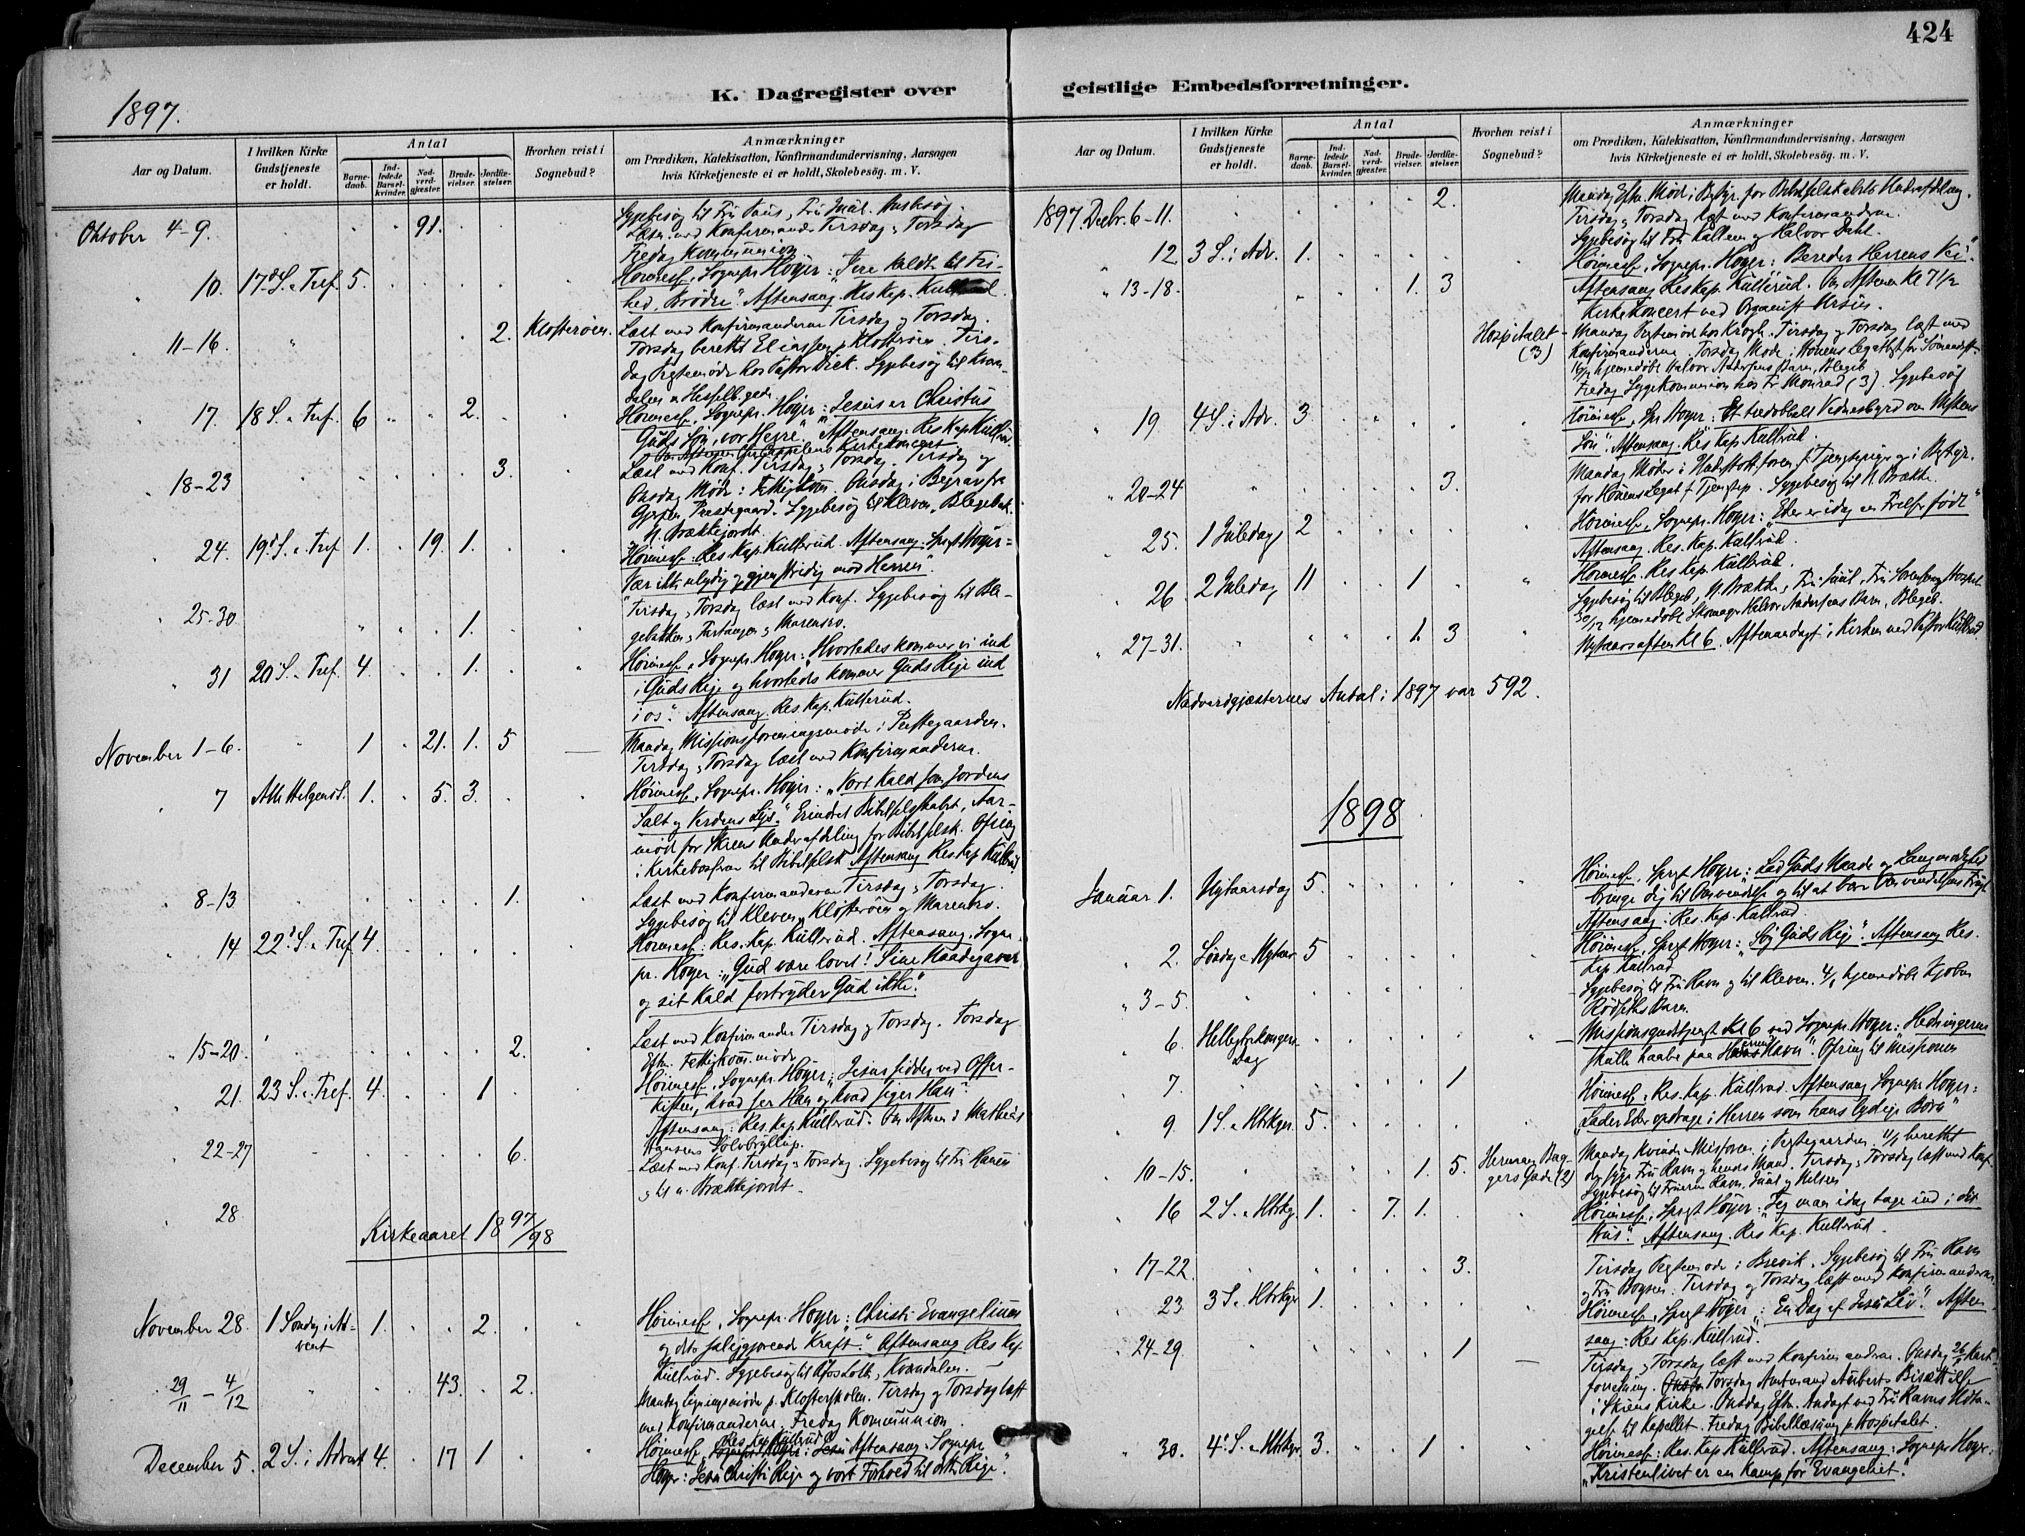 SAKO, Skien kirkebøker, F/Fa/L0010: Ministerialbok nr. 10, 1891-1899, s. 424